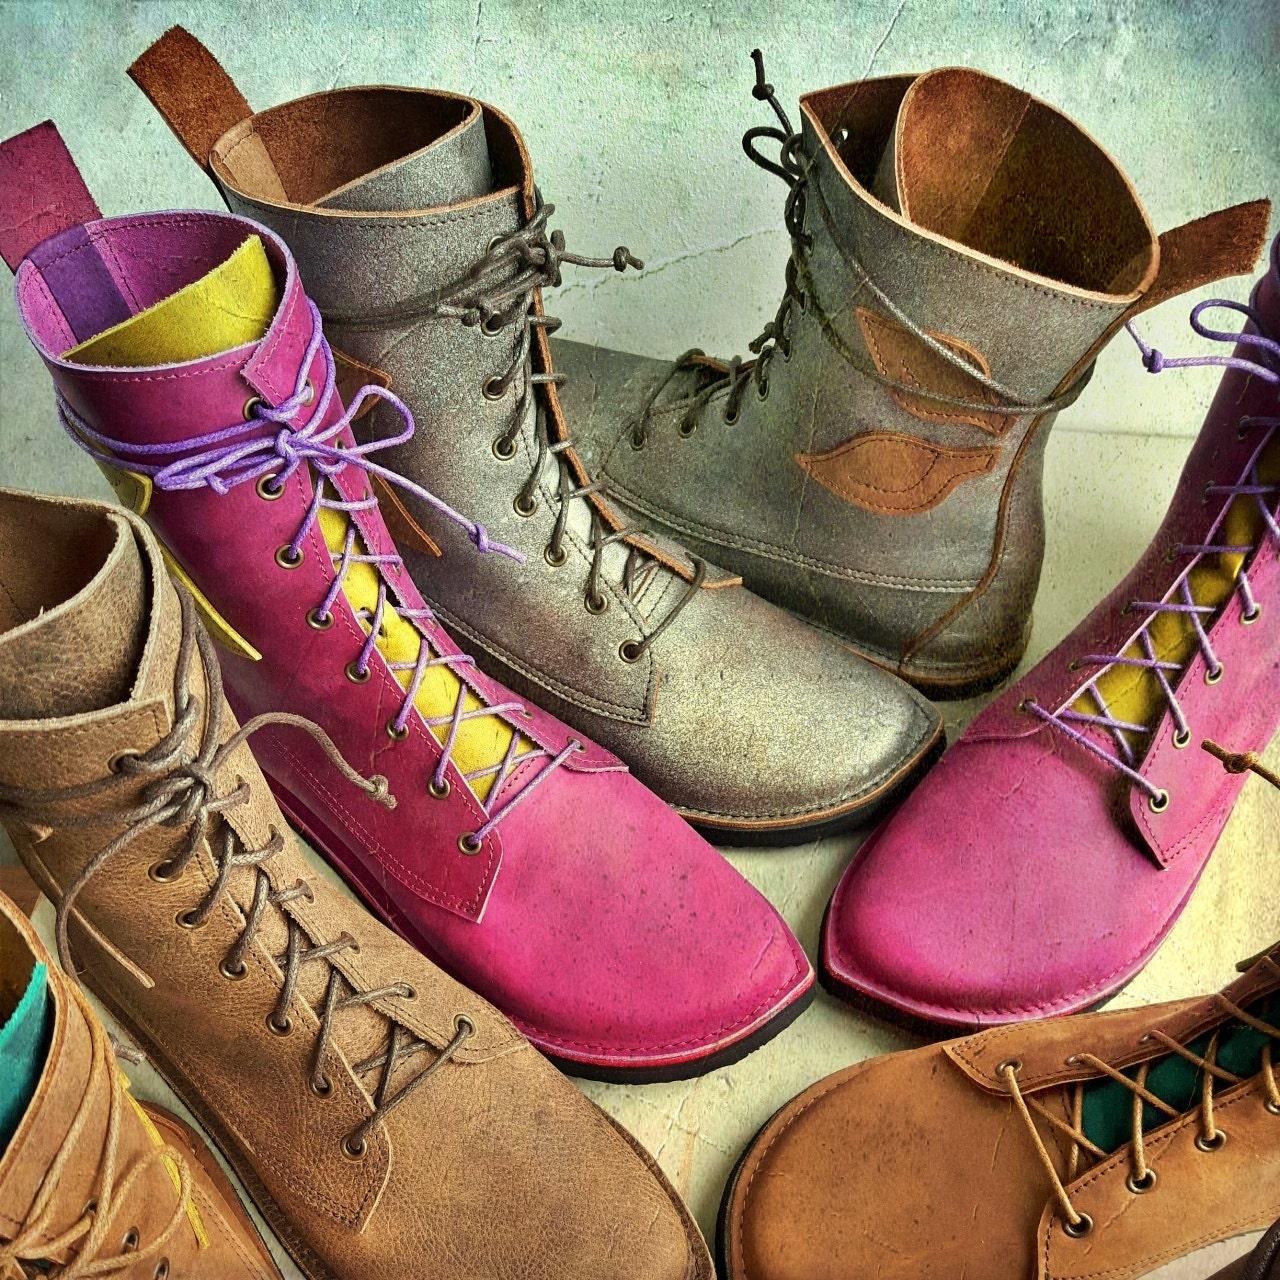 Damen Canadian Boots dunkelbraun rot Winterschuhe Gr. 3738